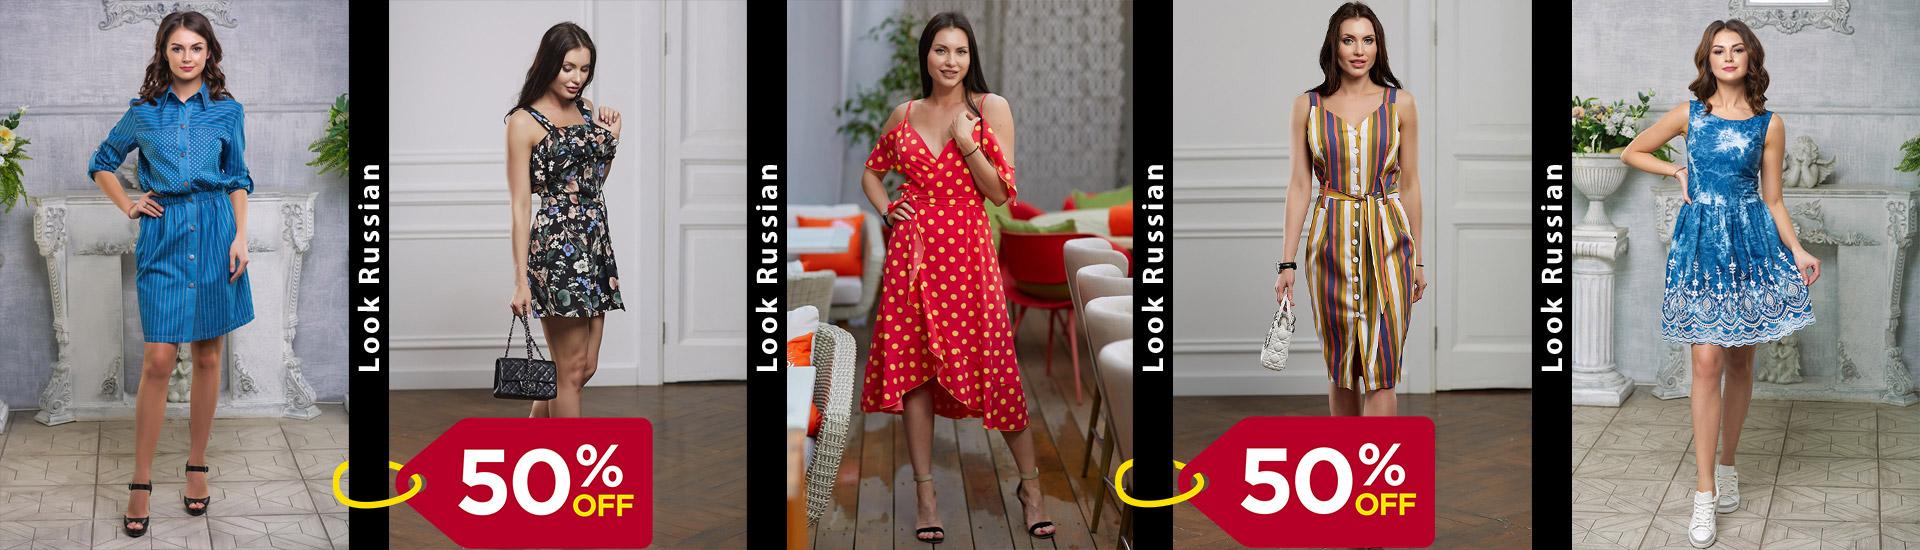 f2bda7fc211f Интернет-магазин женской одежды Kokette, купить недорогую одежду с ...